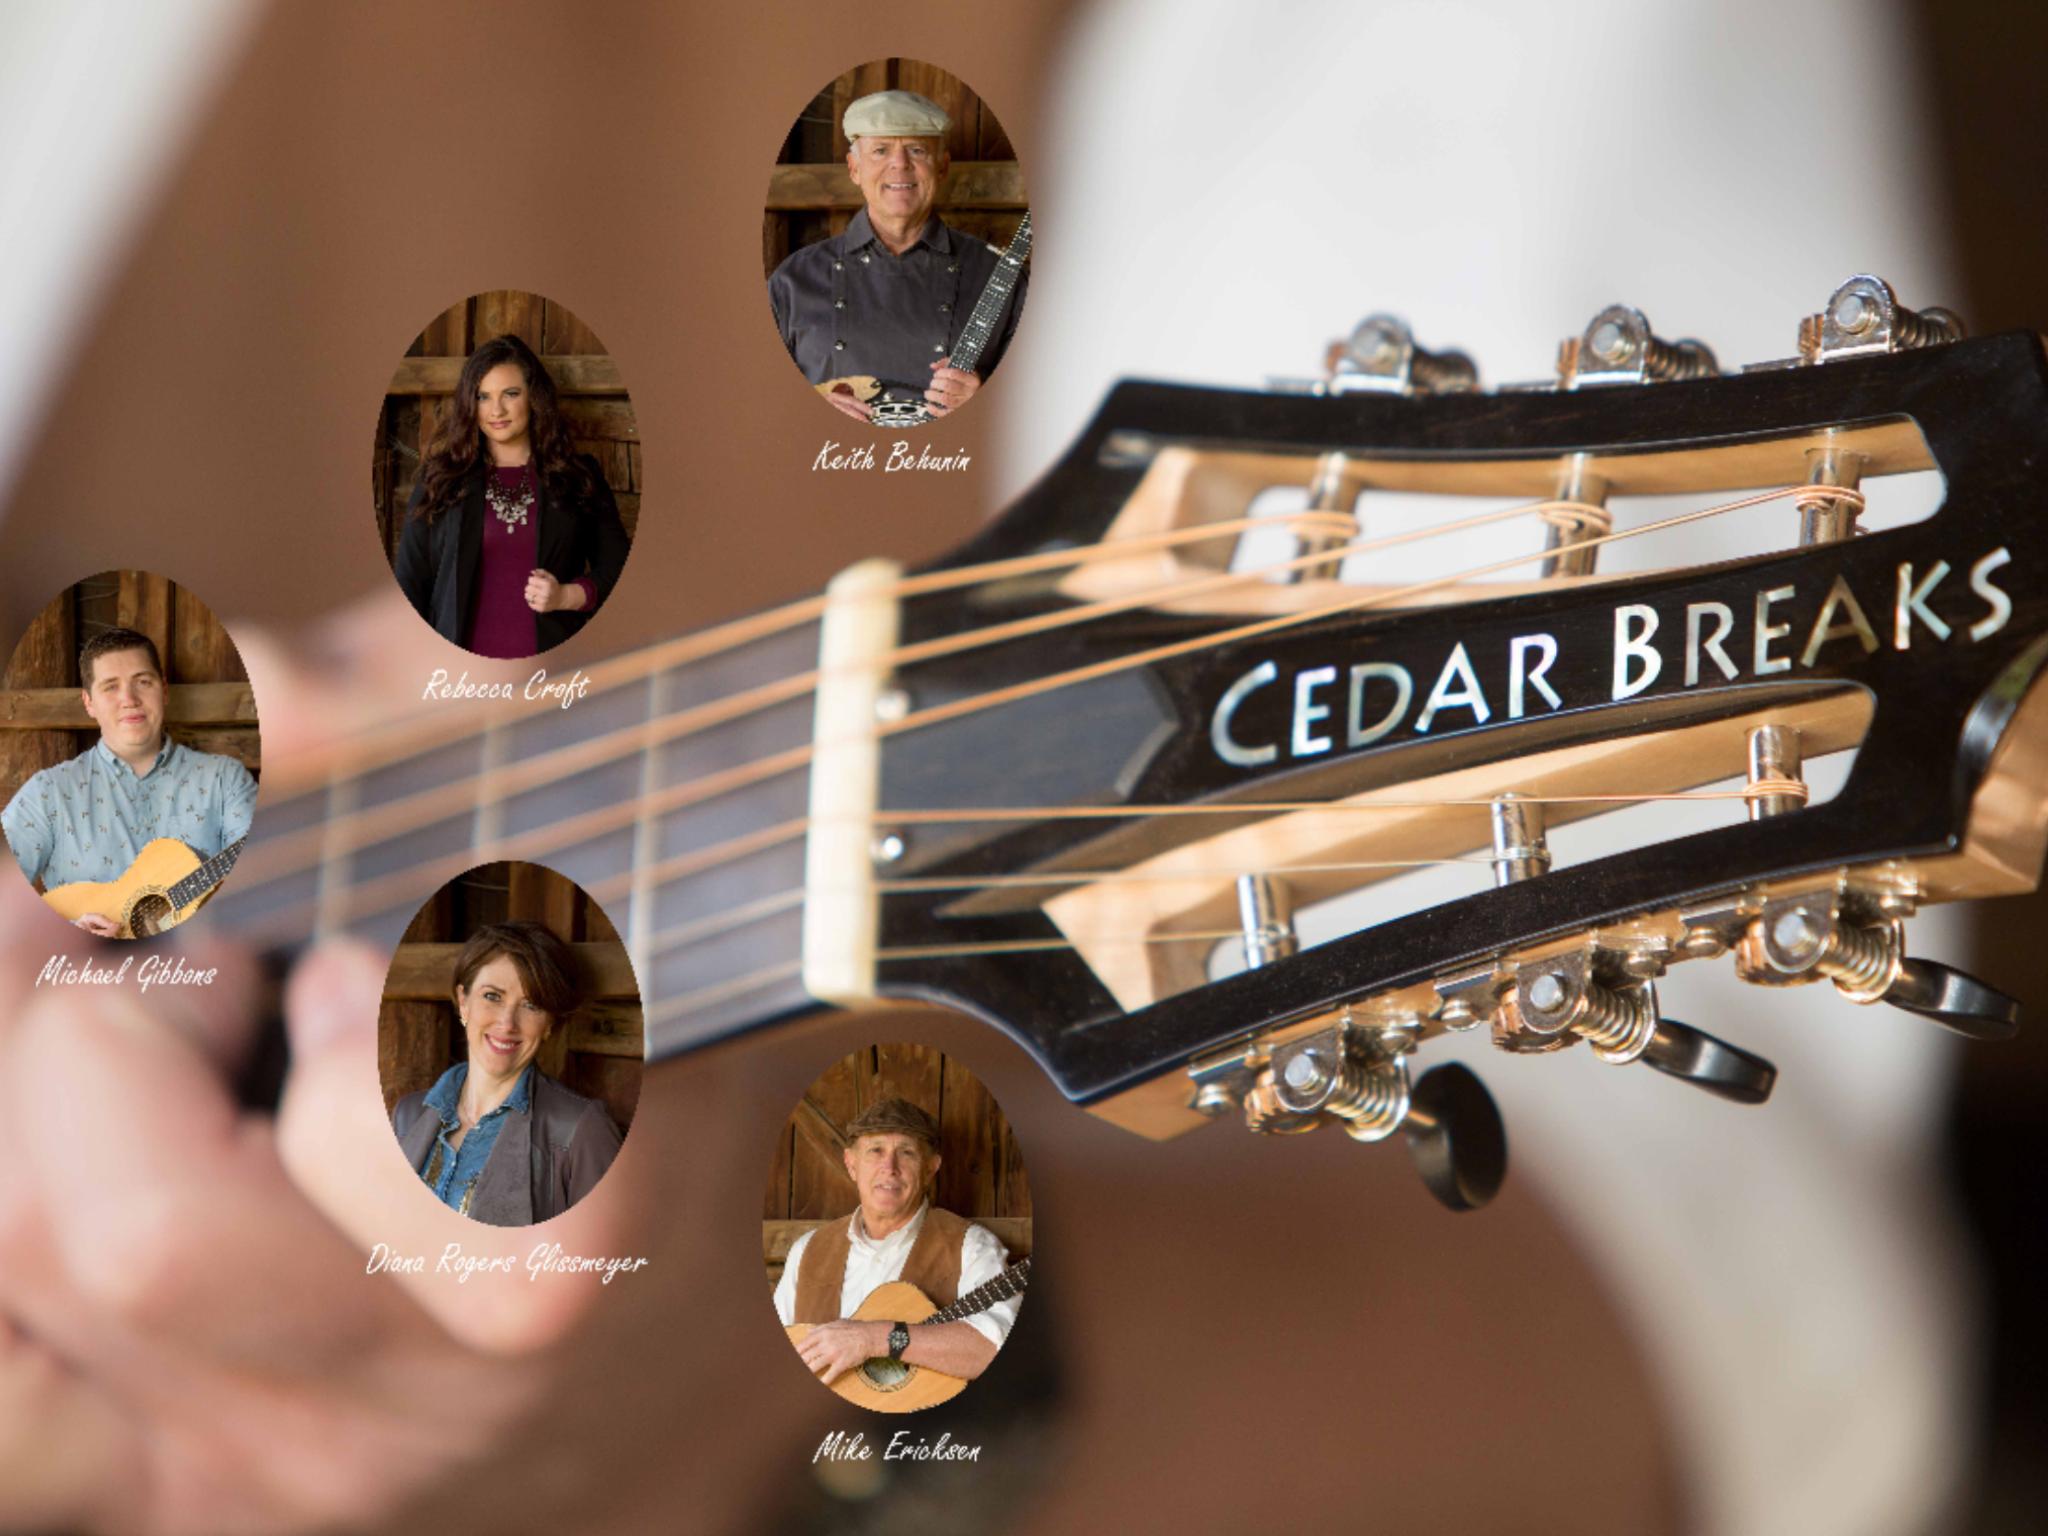 Cedar Breaks Band - Believe